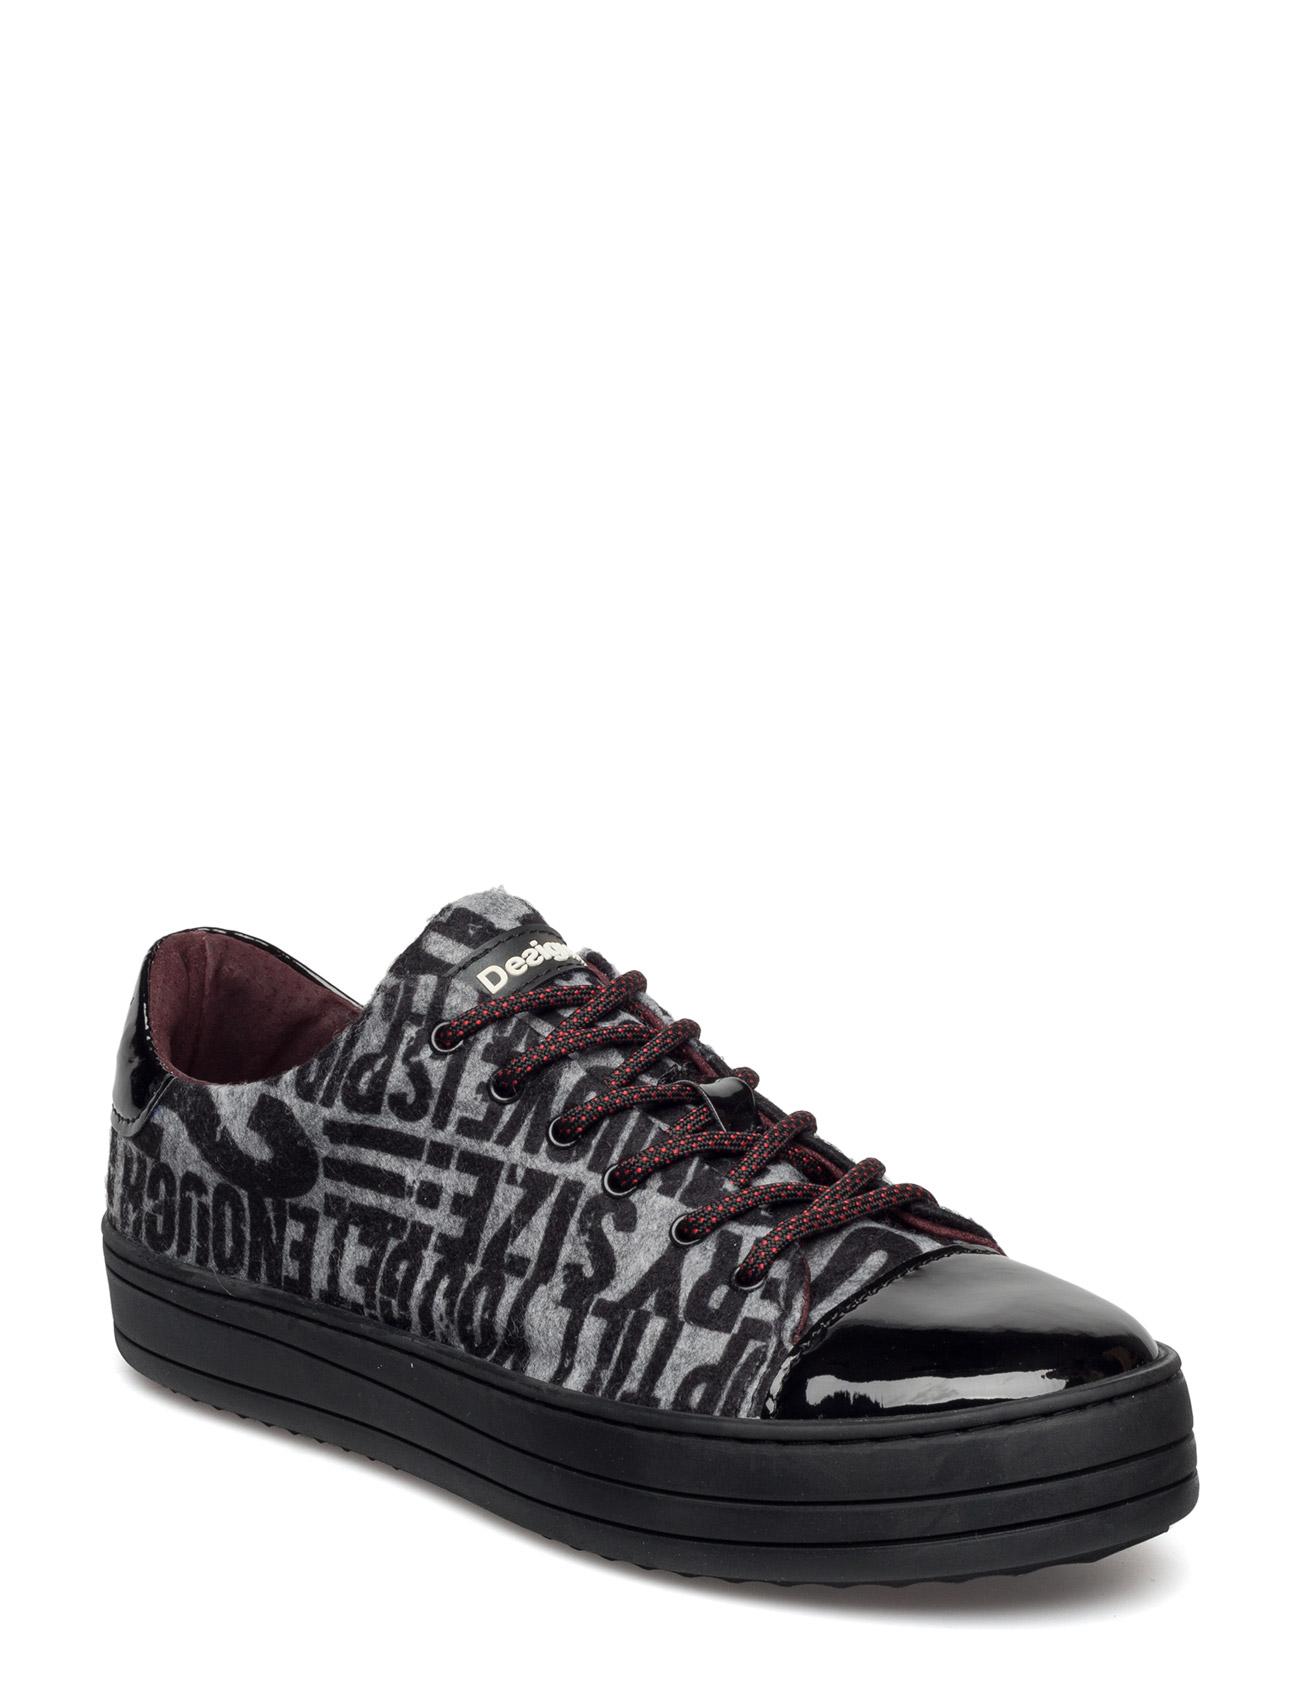 Shoes Kartel Funky Desigual Shoes Sneakers til Kvinder i neger